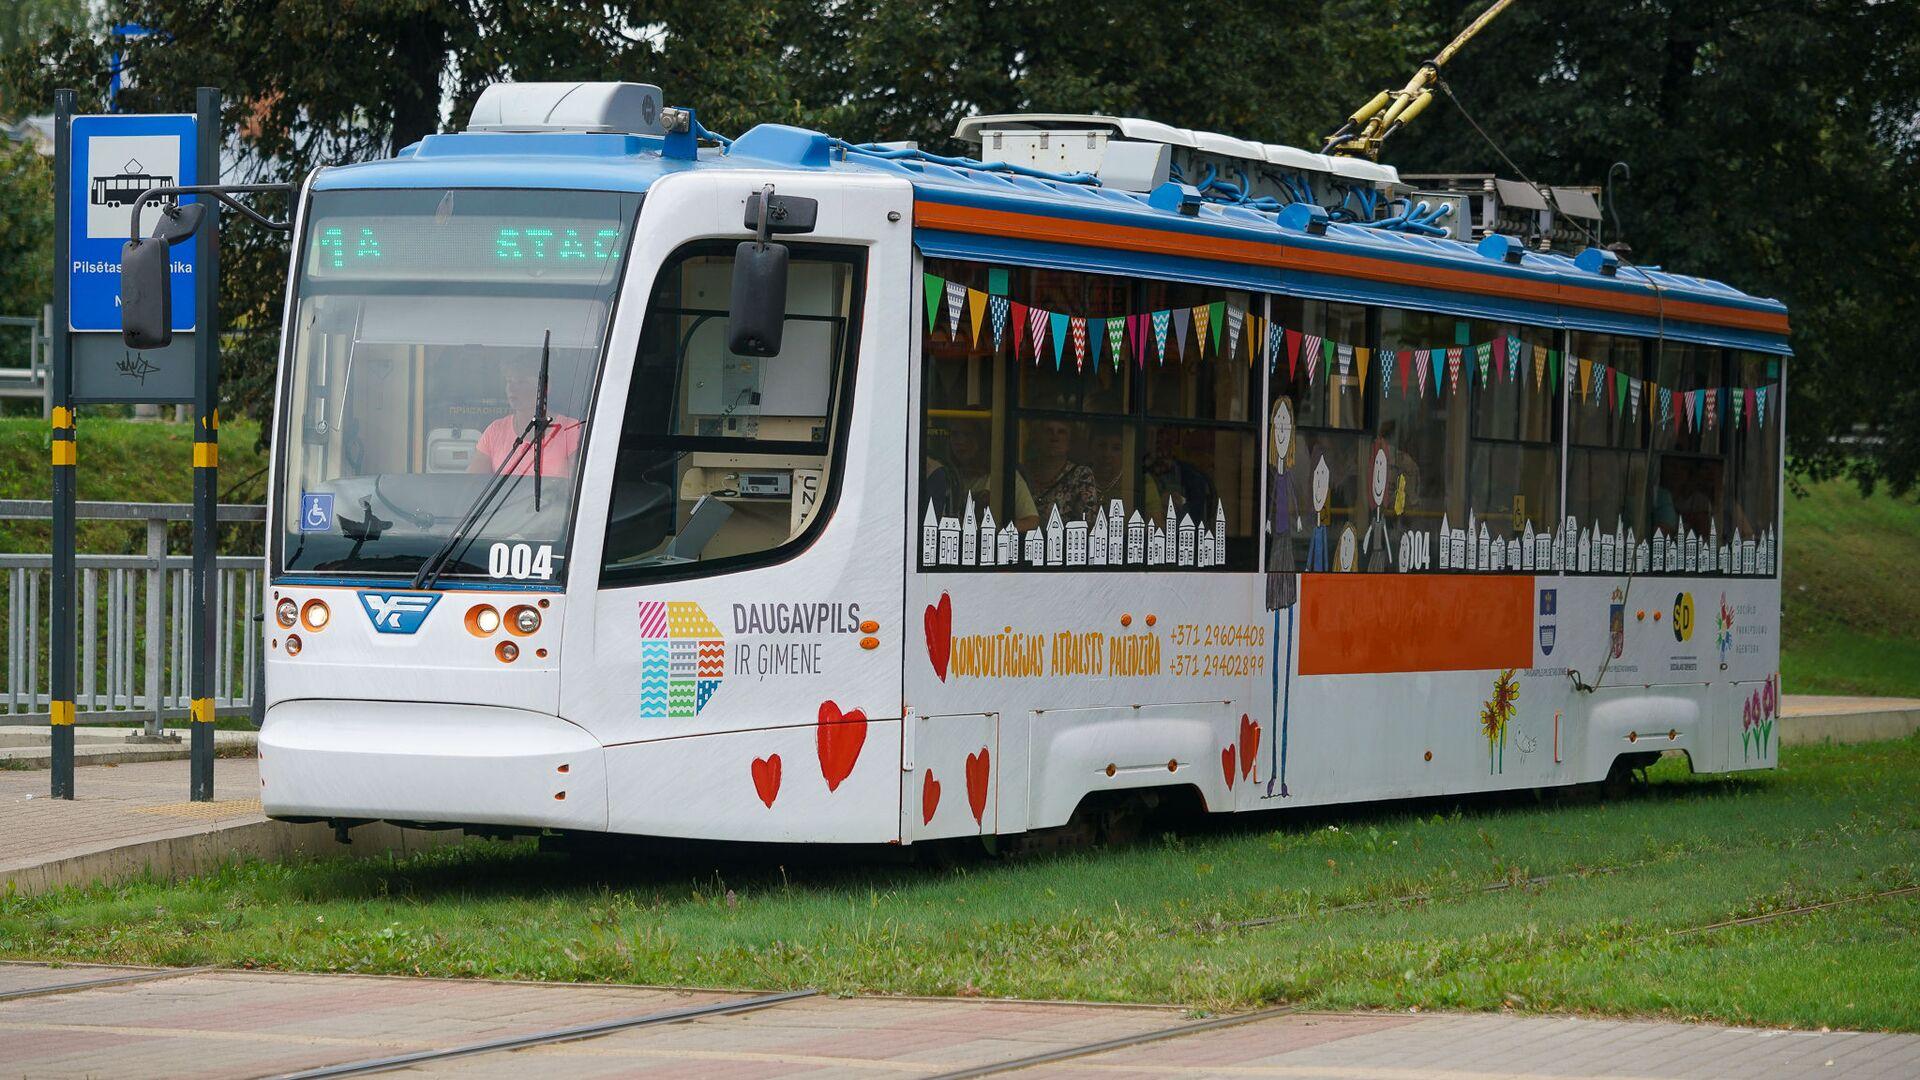 Новые трамваи City Star совместного производства Тверского вагоностроительного завода и ПК Транспортные системы в Даугавпилсе - Sputnik Латвия, 1920, 12.10.2021